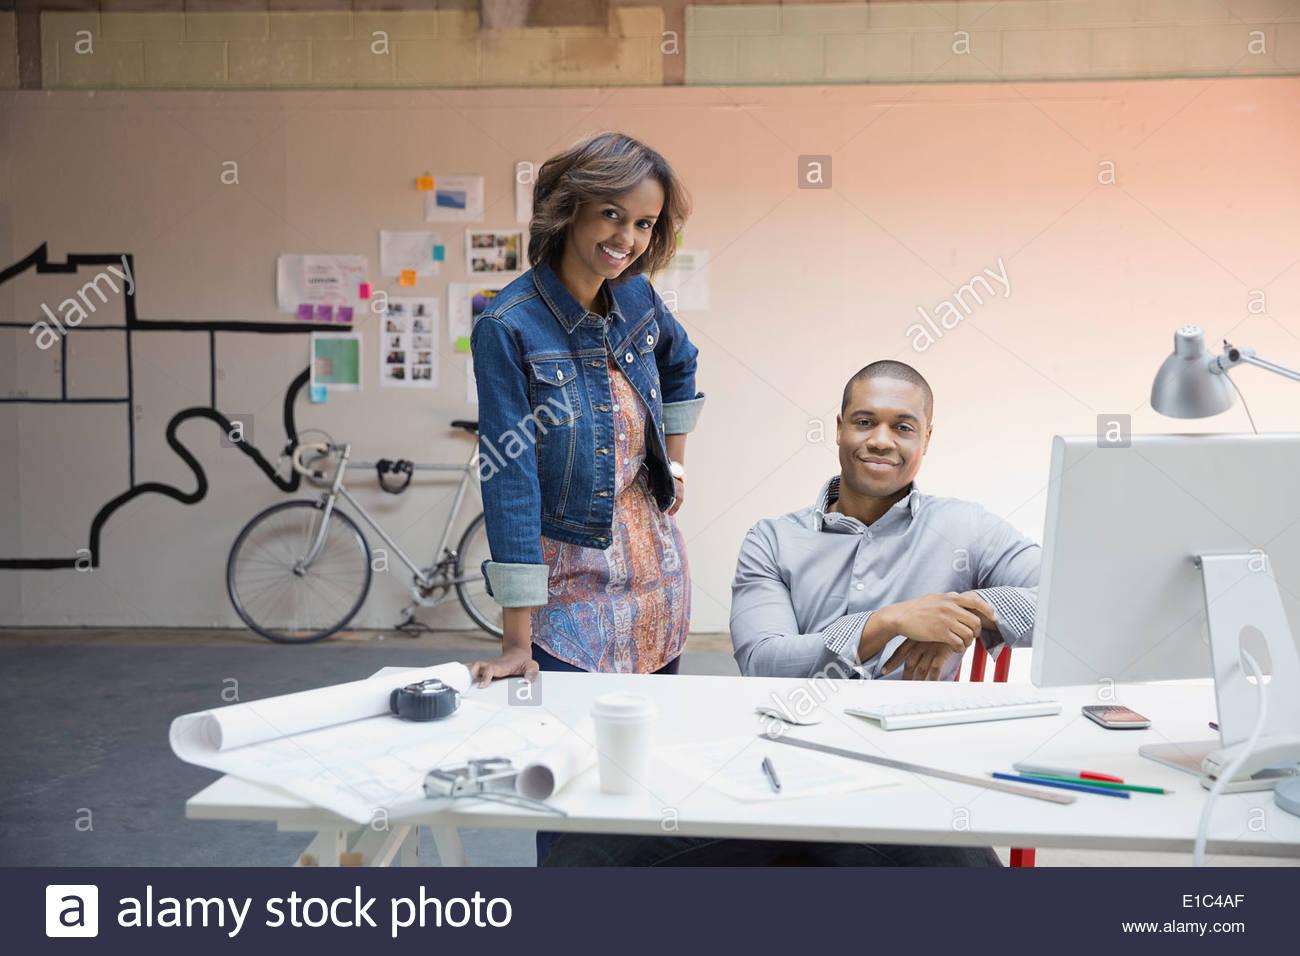 Retrato de seguros de personas de negocios en un escritorio en la oficina Imagen De Stock